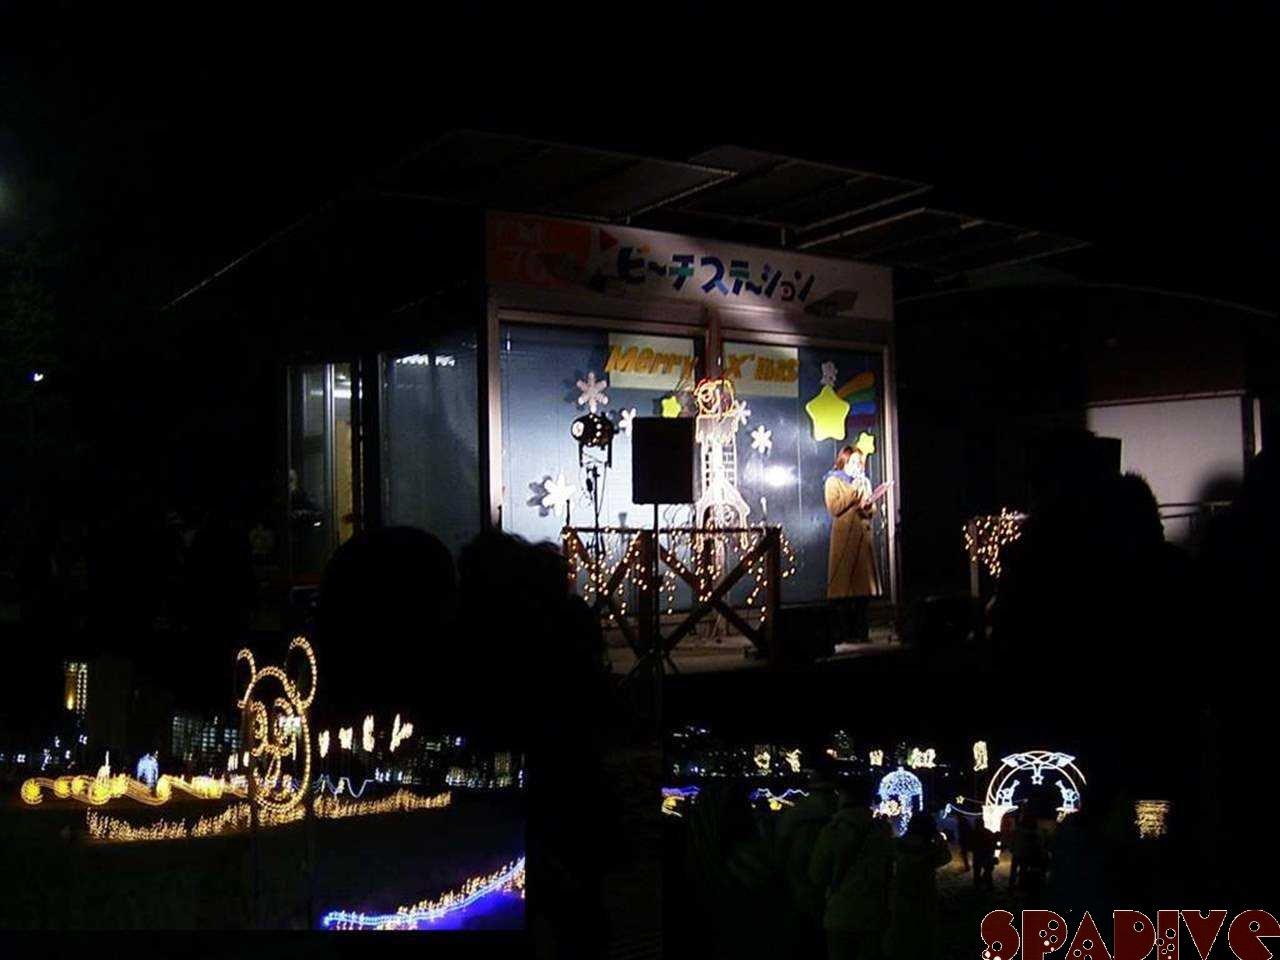 メリークリスマス!12/24/2005